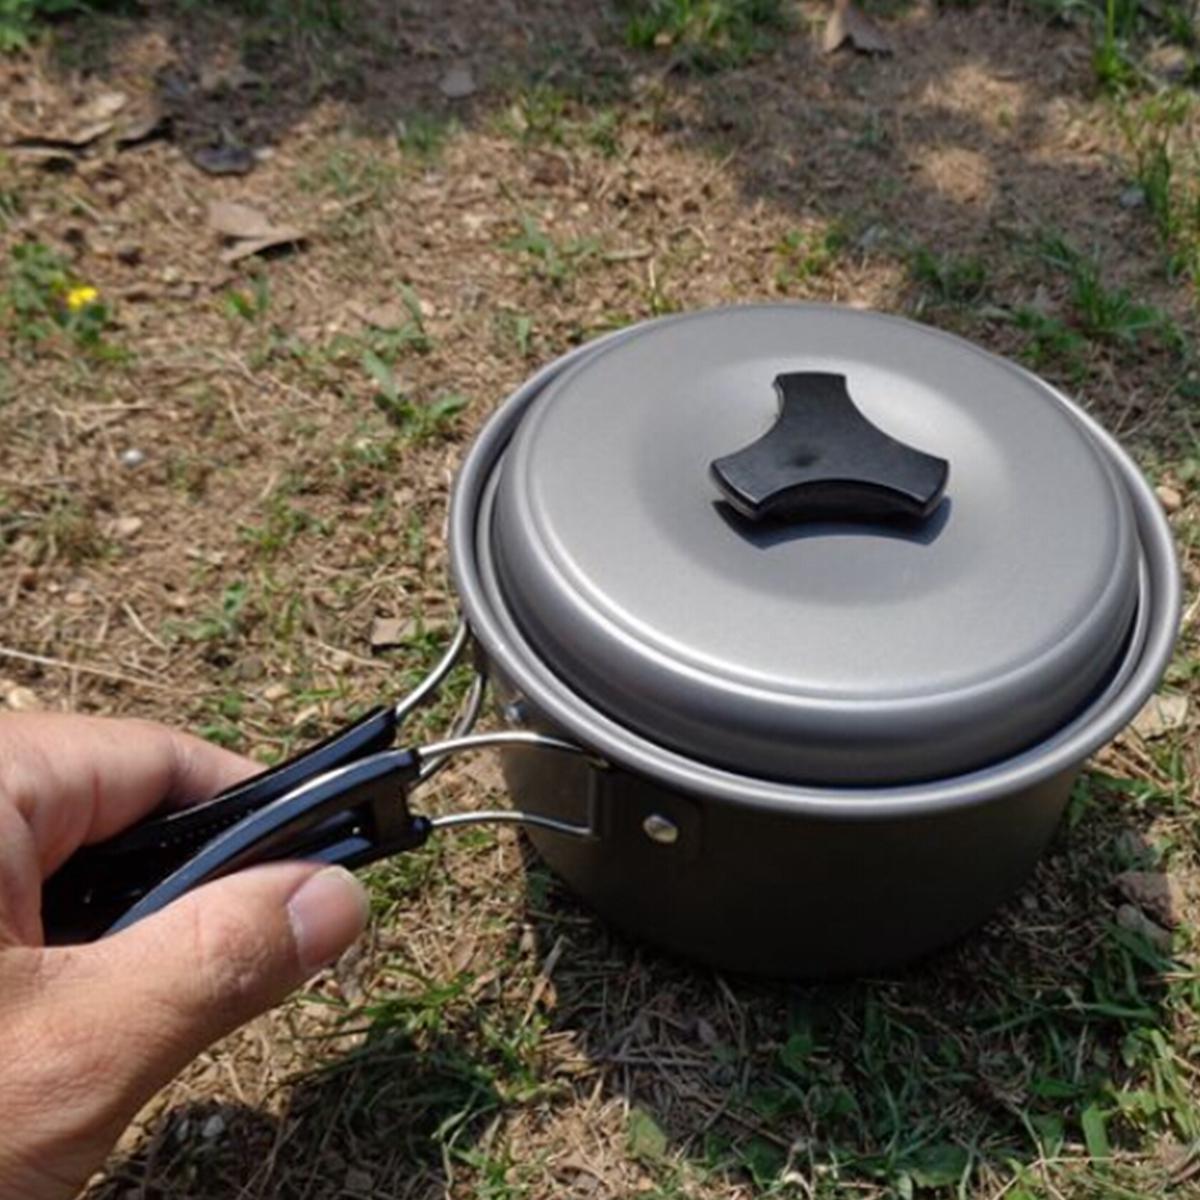 camping en plein air de pique-nique randonnée cuisson mis pot bol casserole ustensiles de cuisine